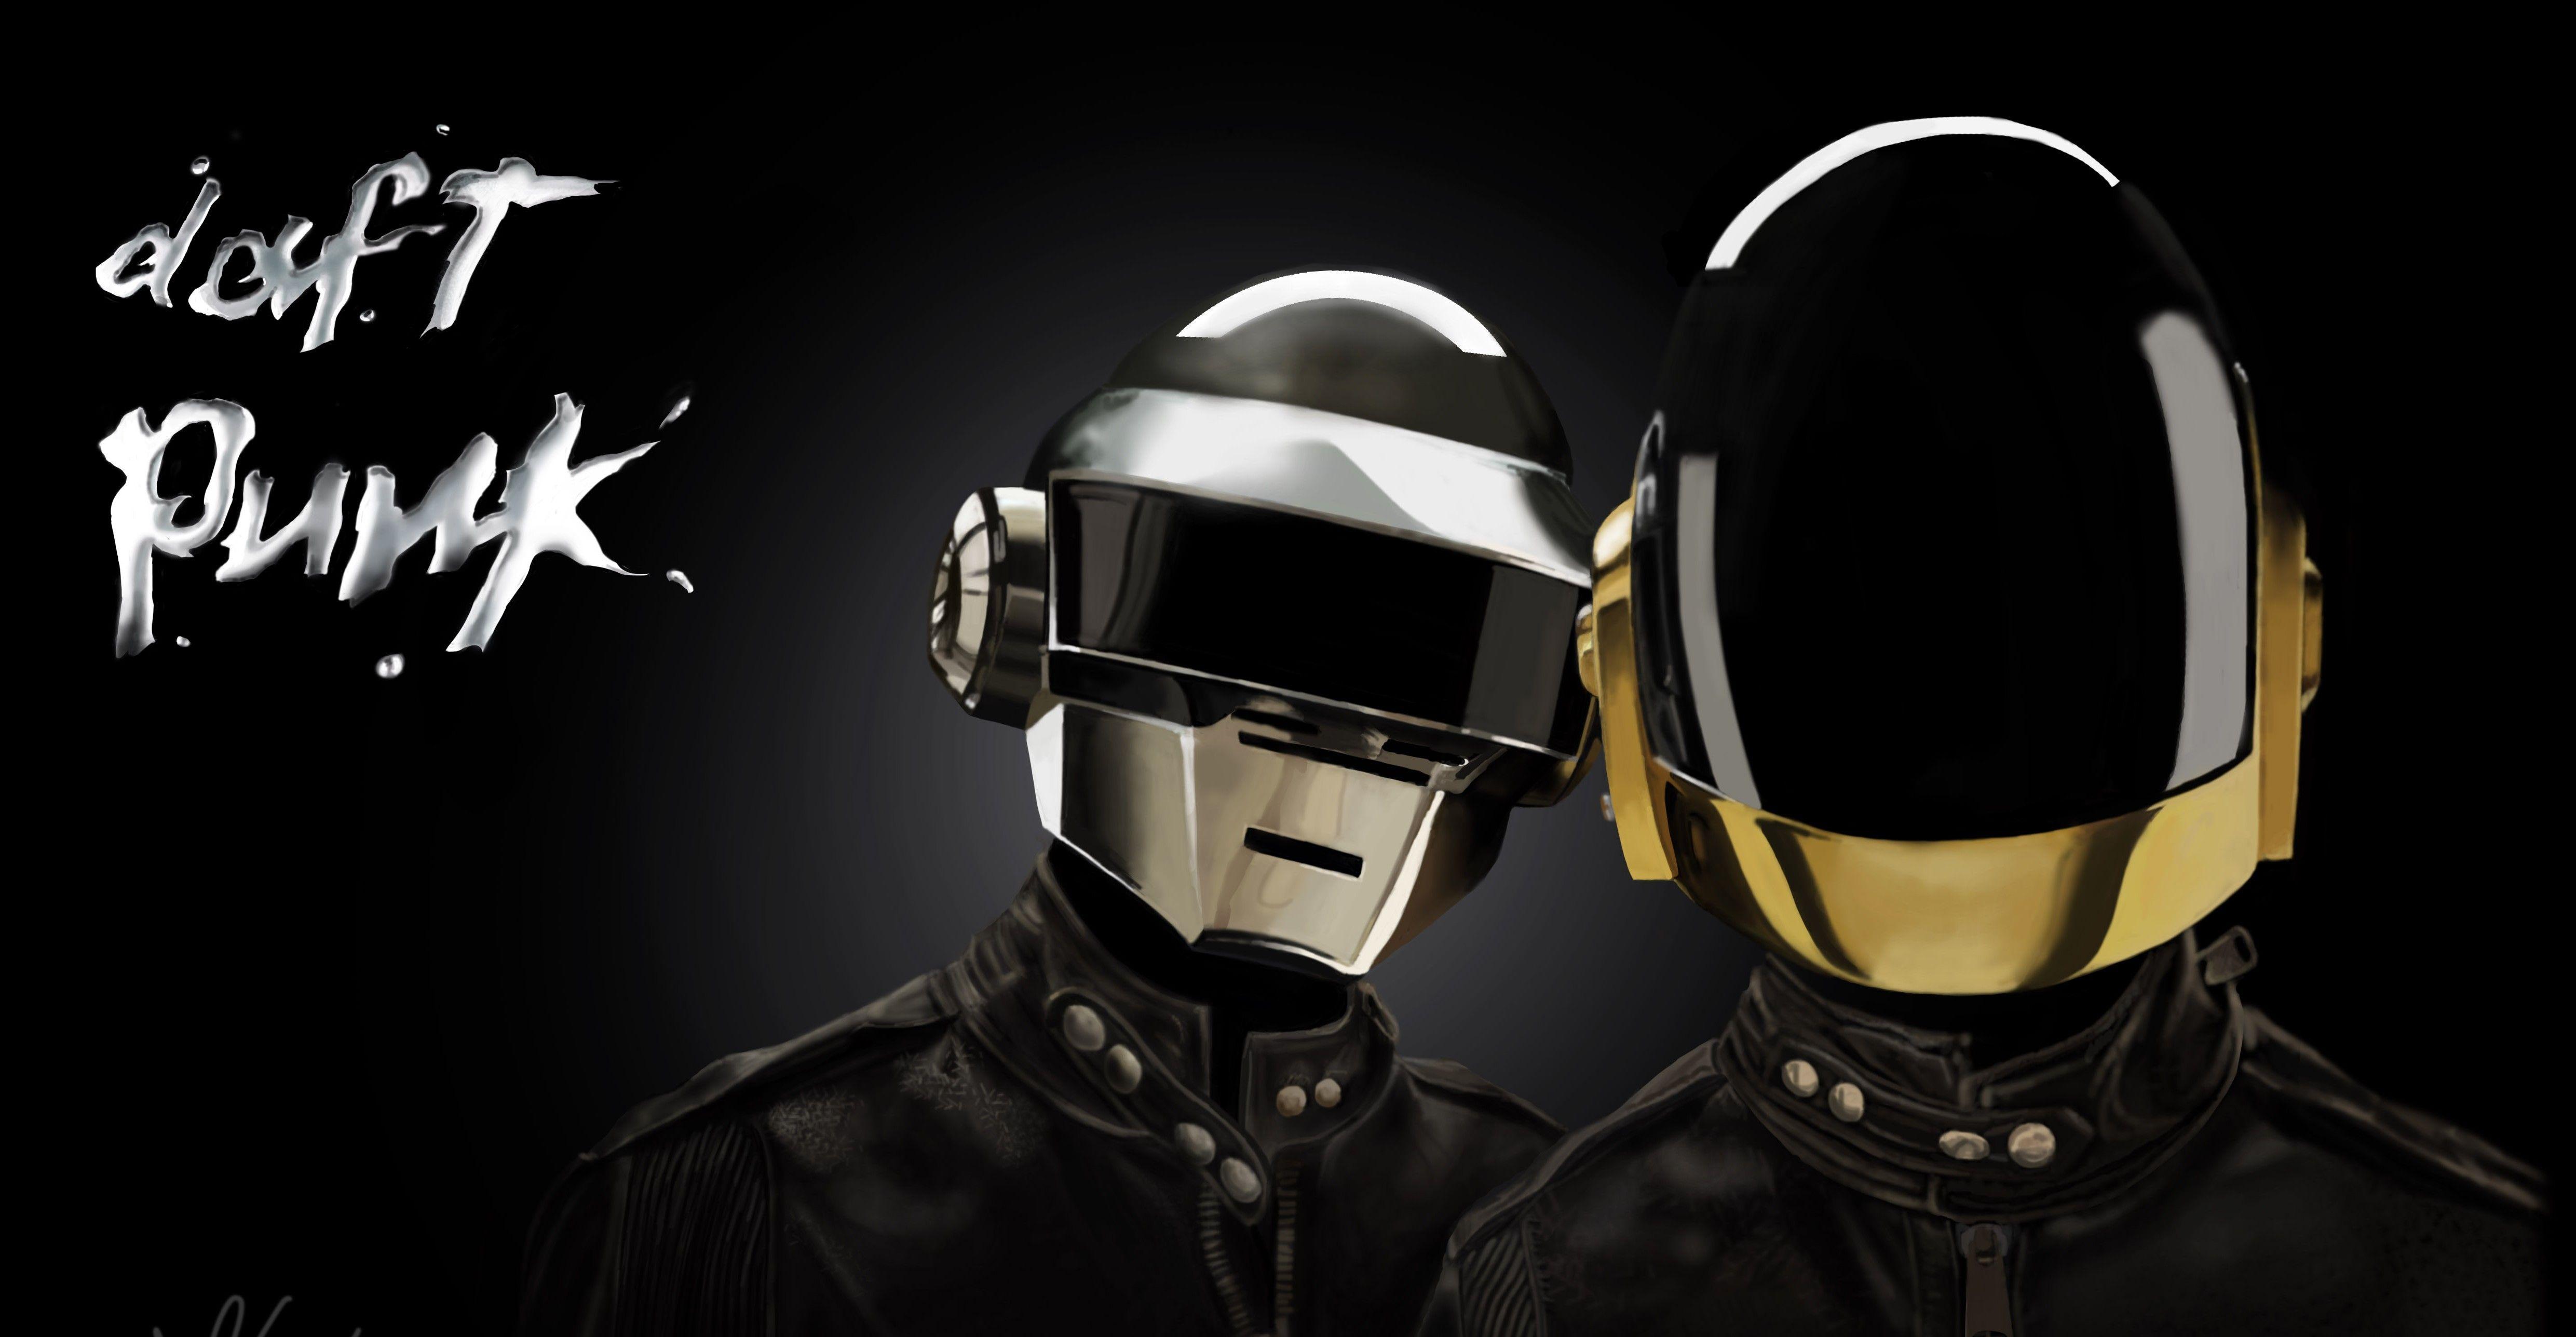 ¿Cuál fue el último gran éxito de Daft Punk?